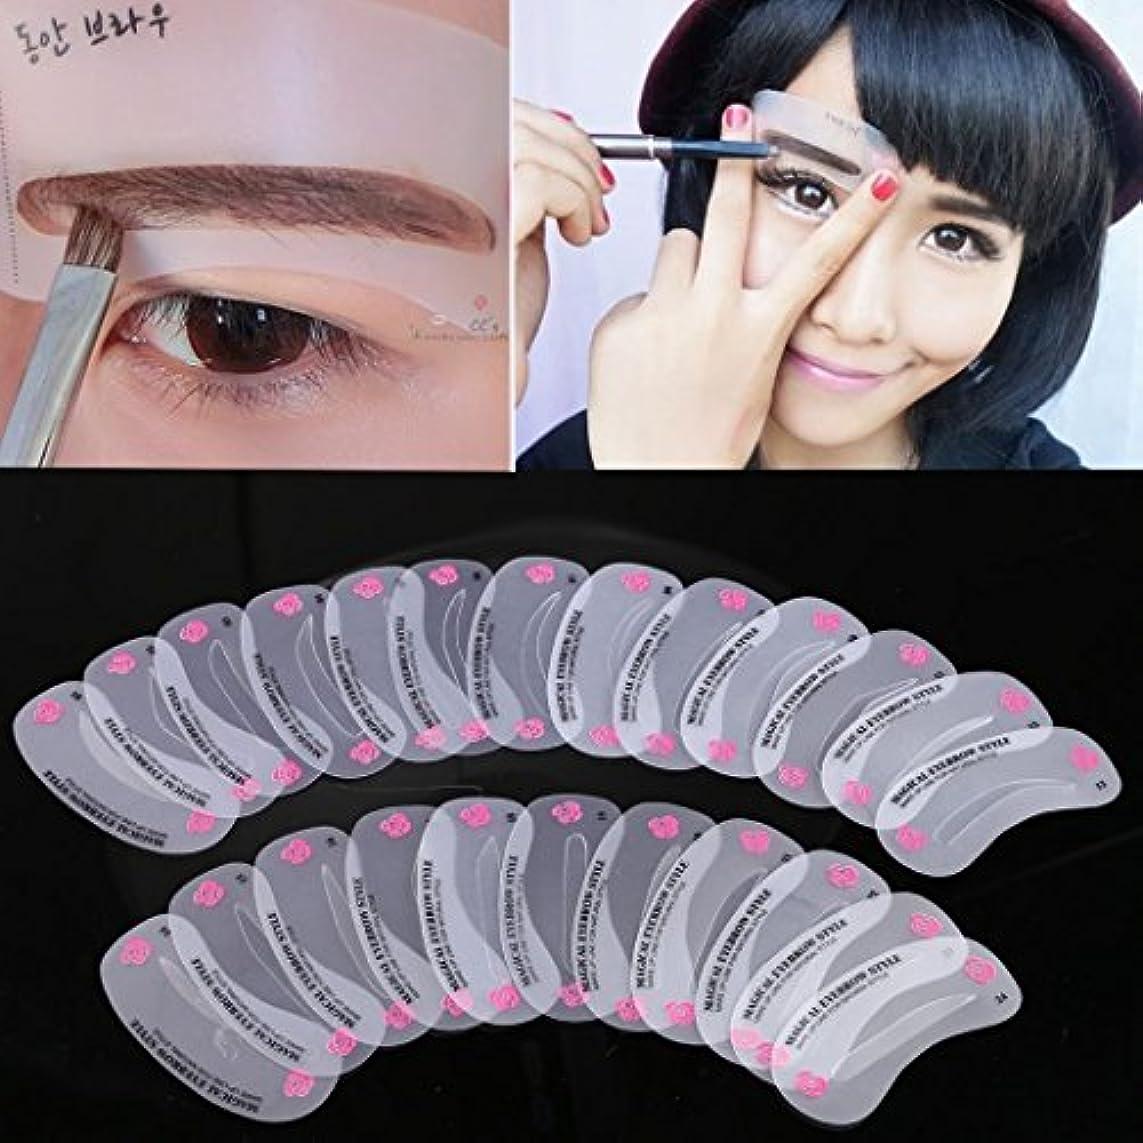 再集計合図潜在的なグルーミングキットセット化粧シェーパー眉ステンシル整形24の異なる眉スタイル